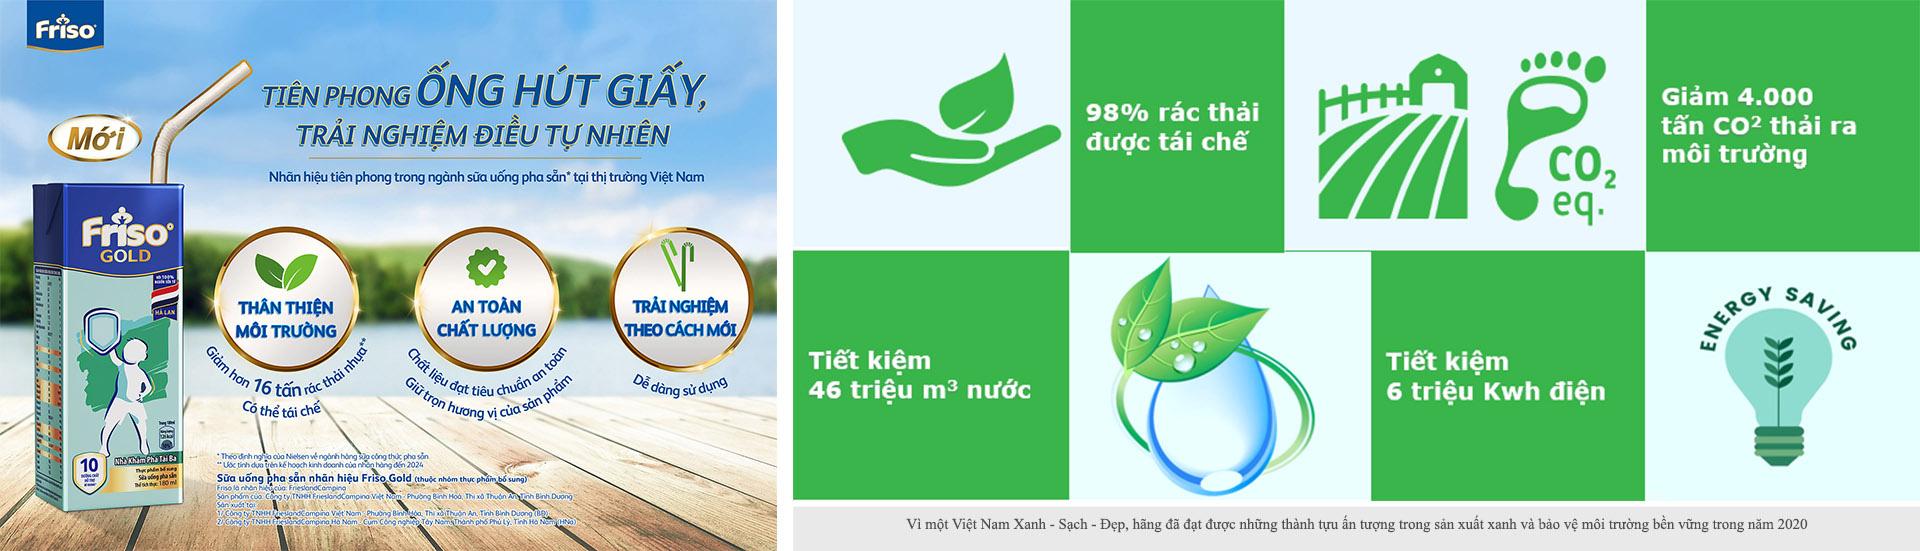 FrieslandCampina Việt Nam: 25 năm tổng lực đầu tư cho phát triển bền vững - Ảnh 8.